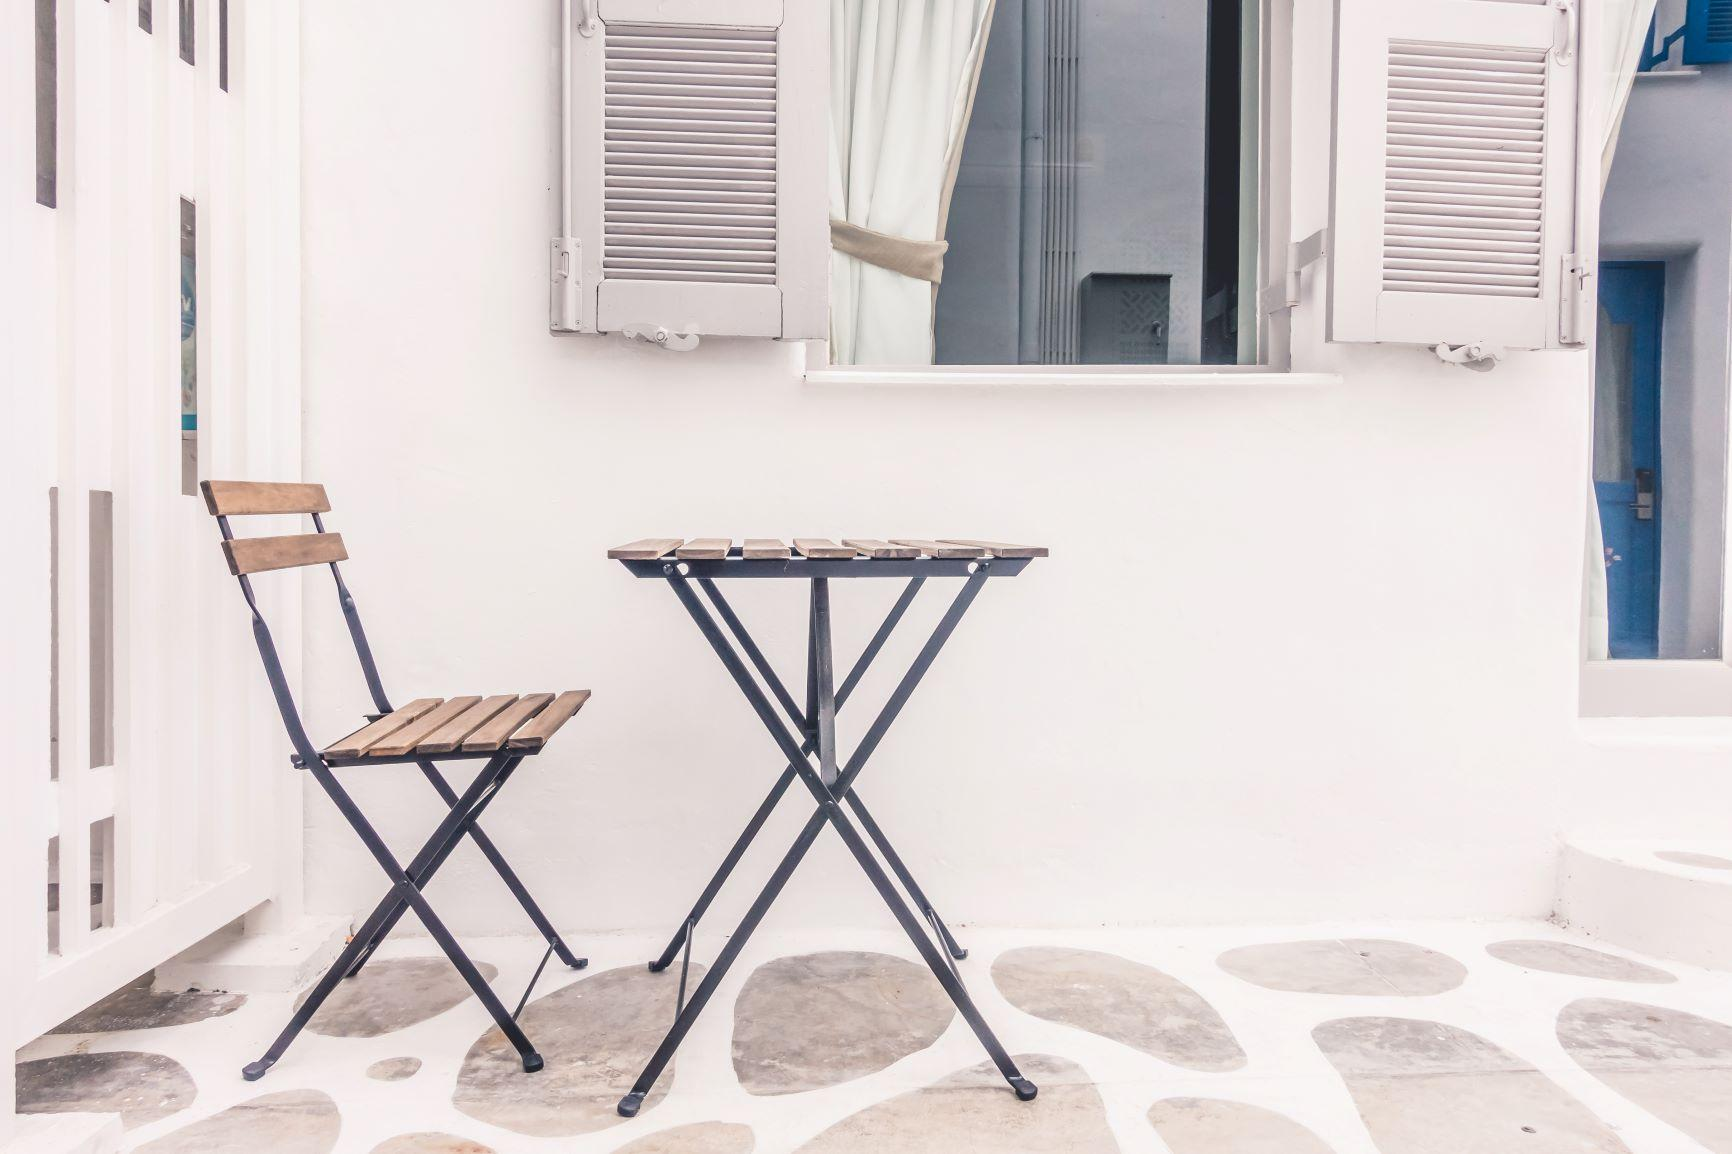 Ξαπλώστρες-κλουβιά: Η ανατριχιαστική πρώτη εικόνα των παραλιών με πλέξιγκλας στη Σαντορίνη (Pics)